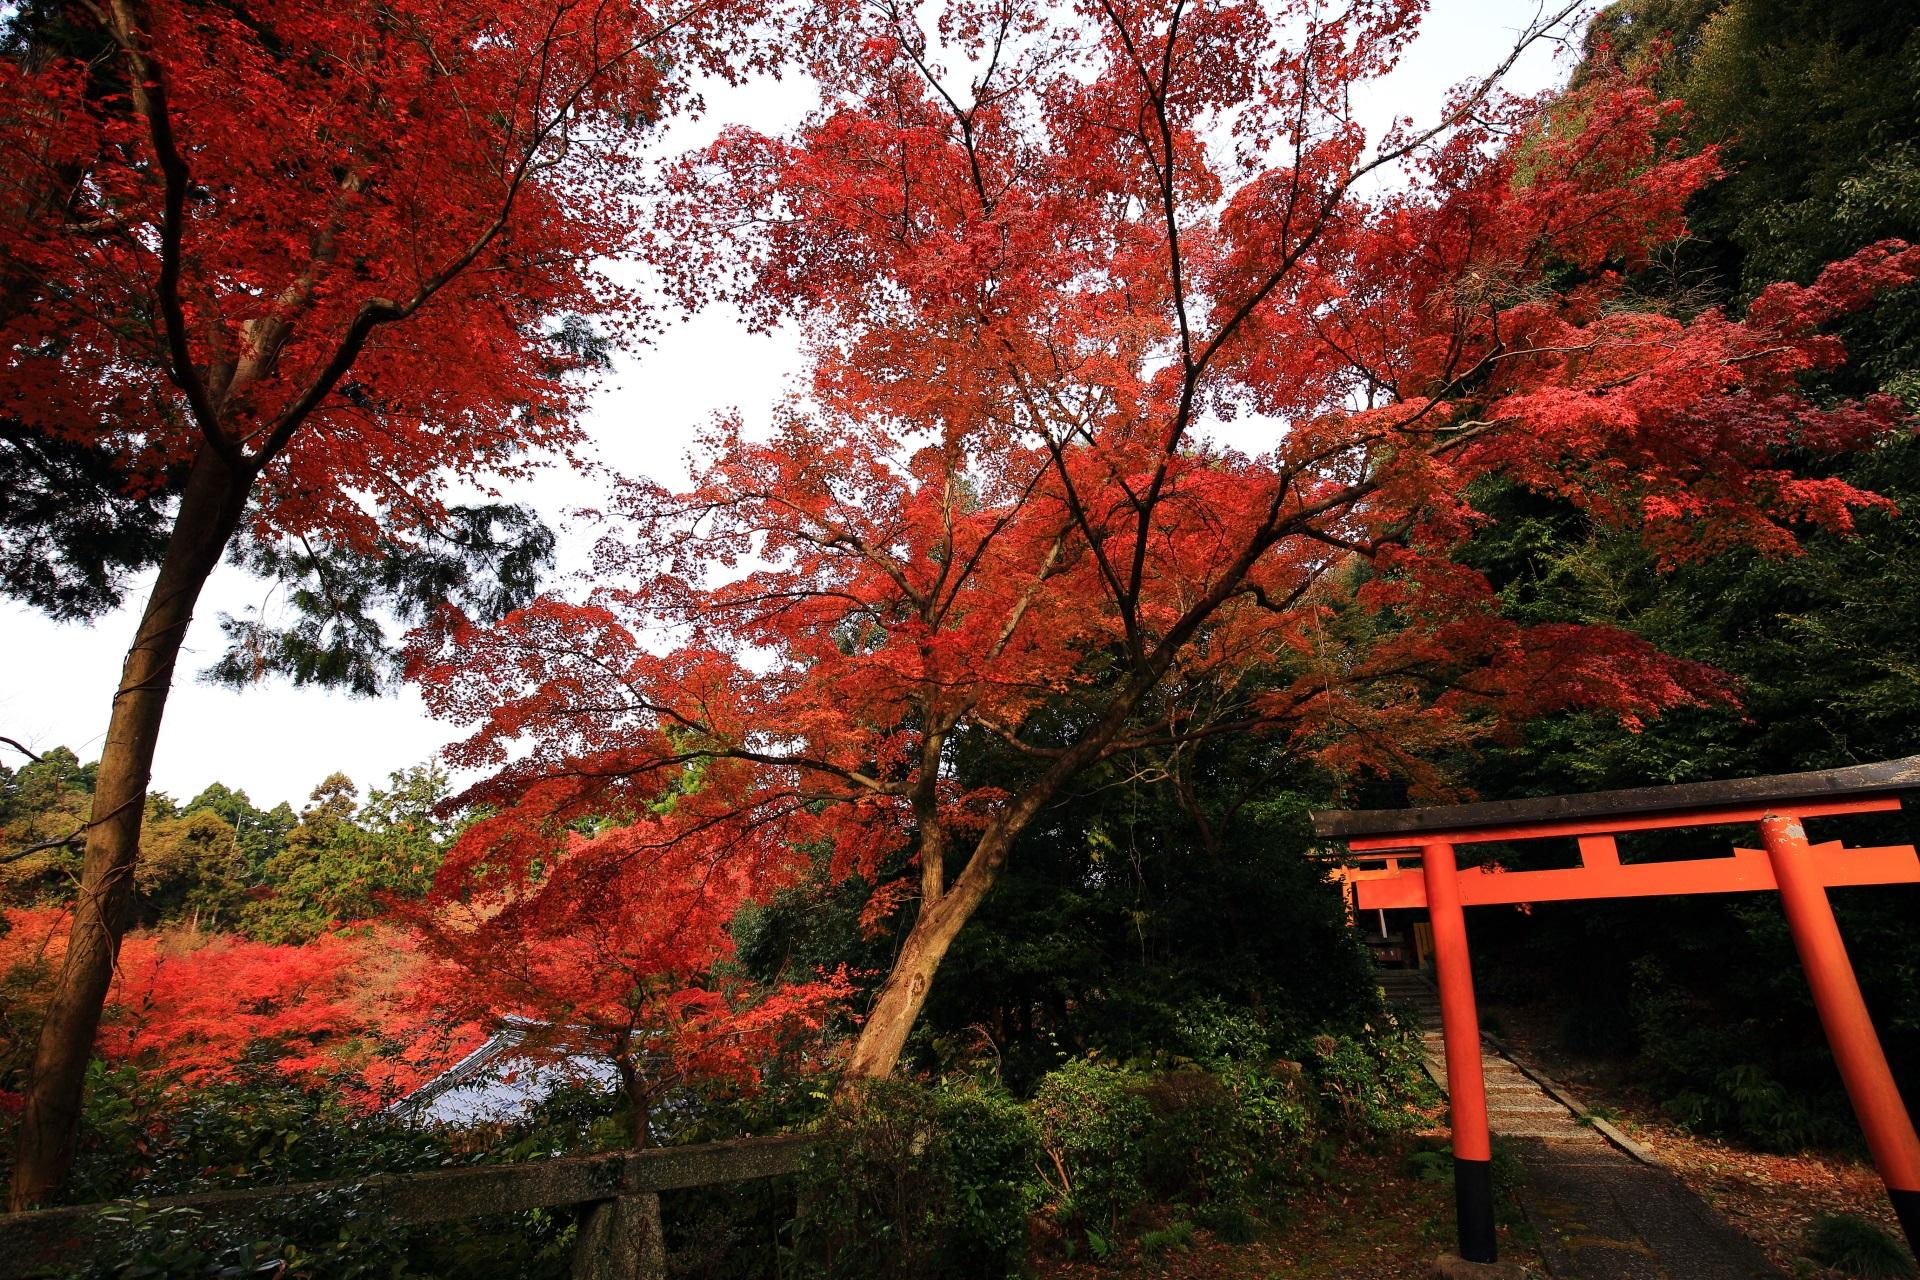 来迎院の鎮守社と色鮮やかな紅葉